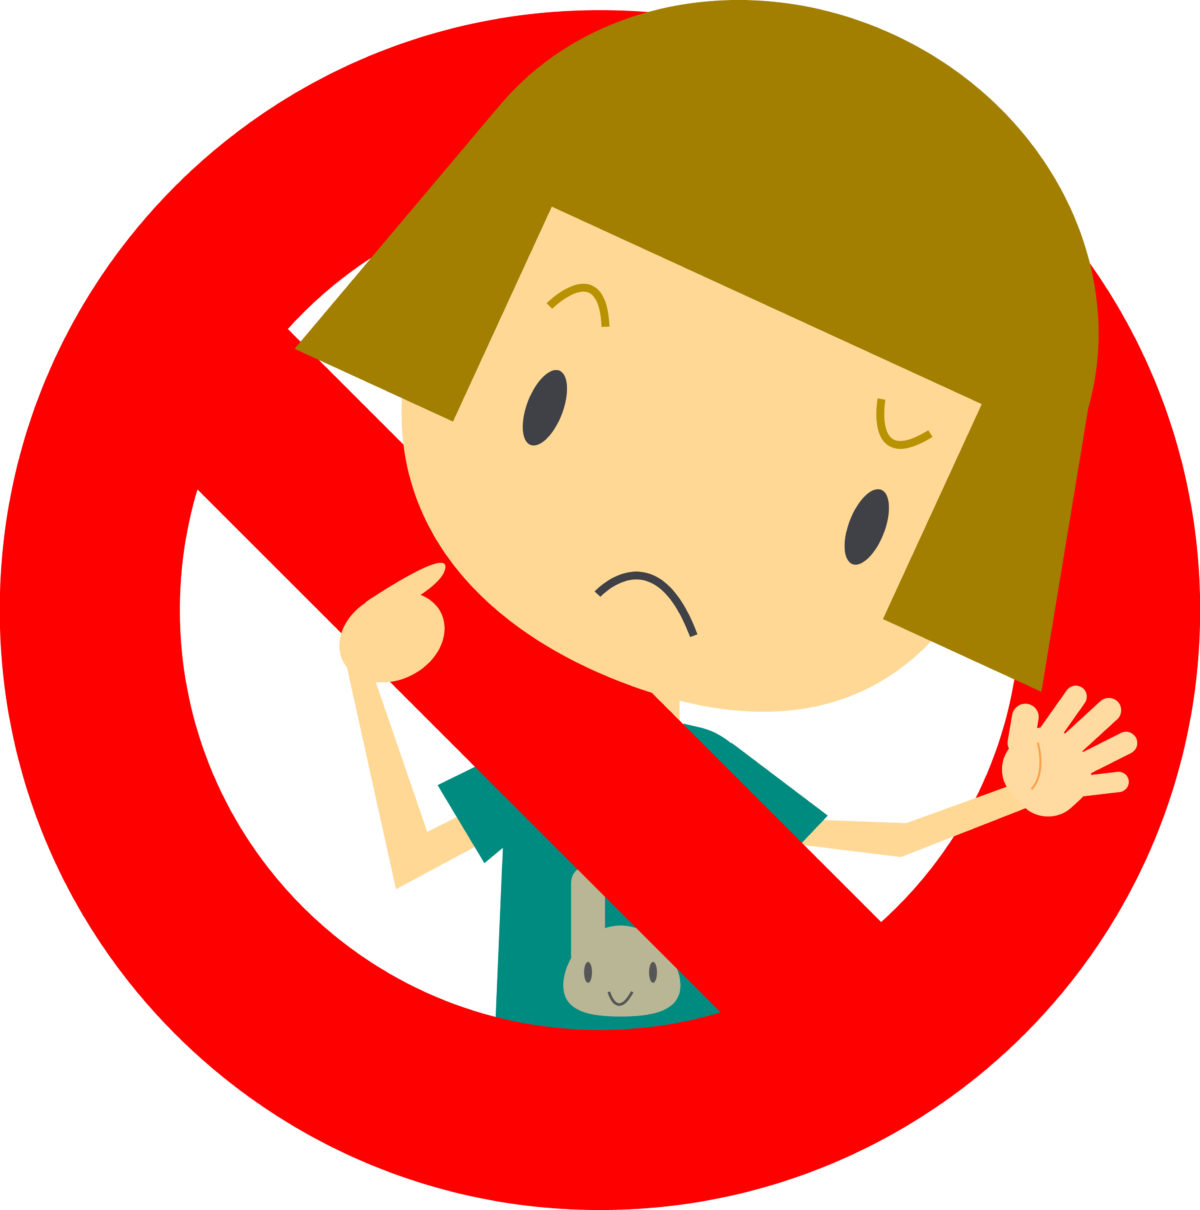 発達障がいの子どもの感覚鈍麻への対処法とは?